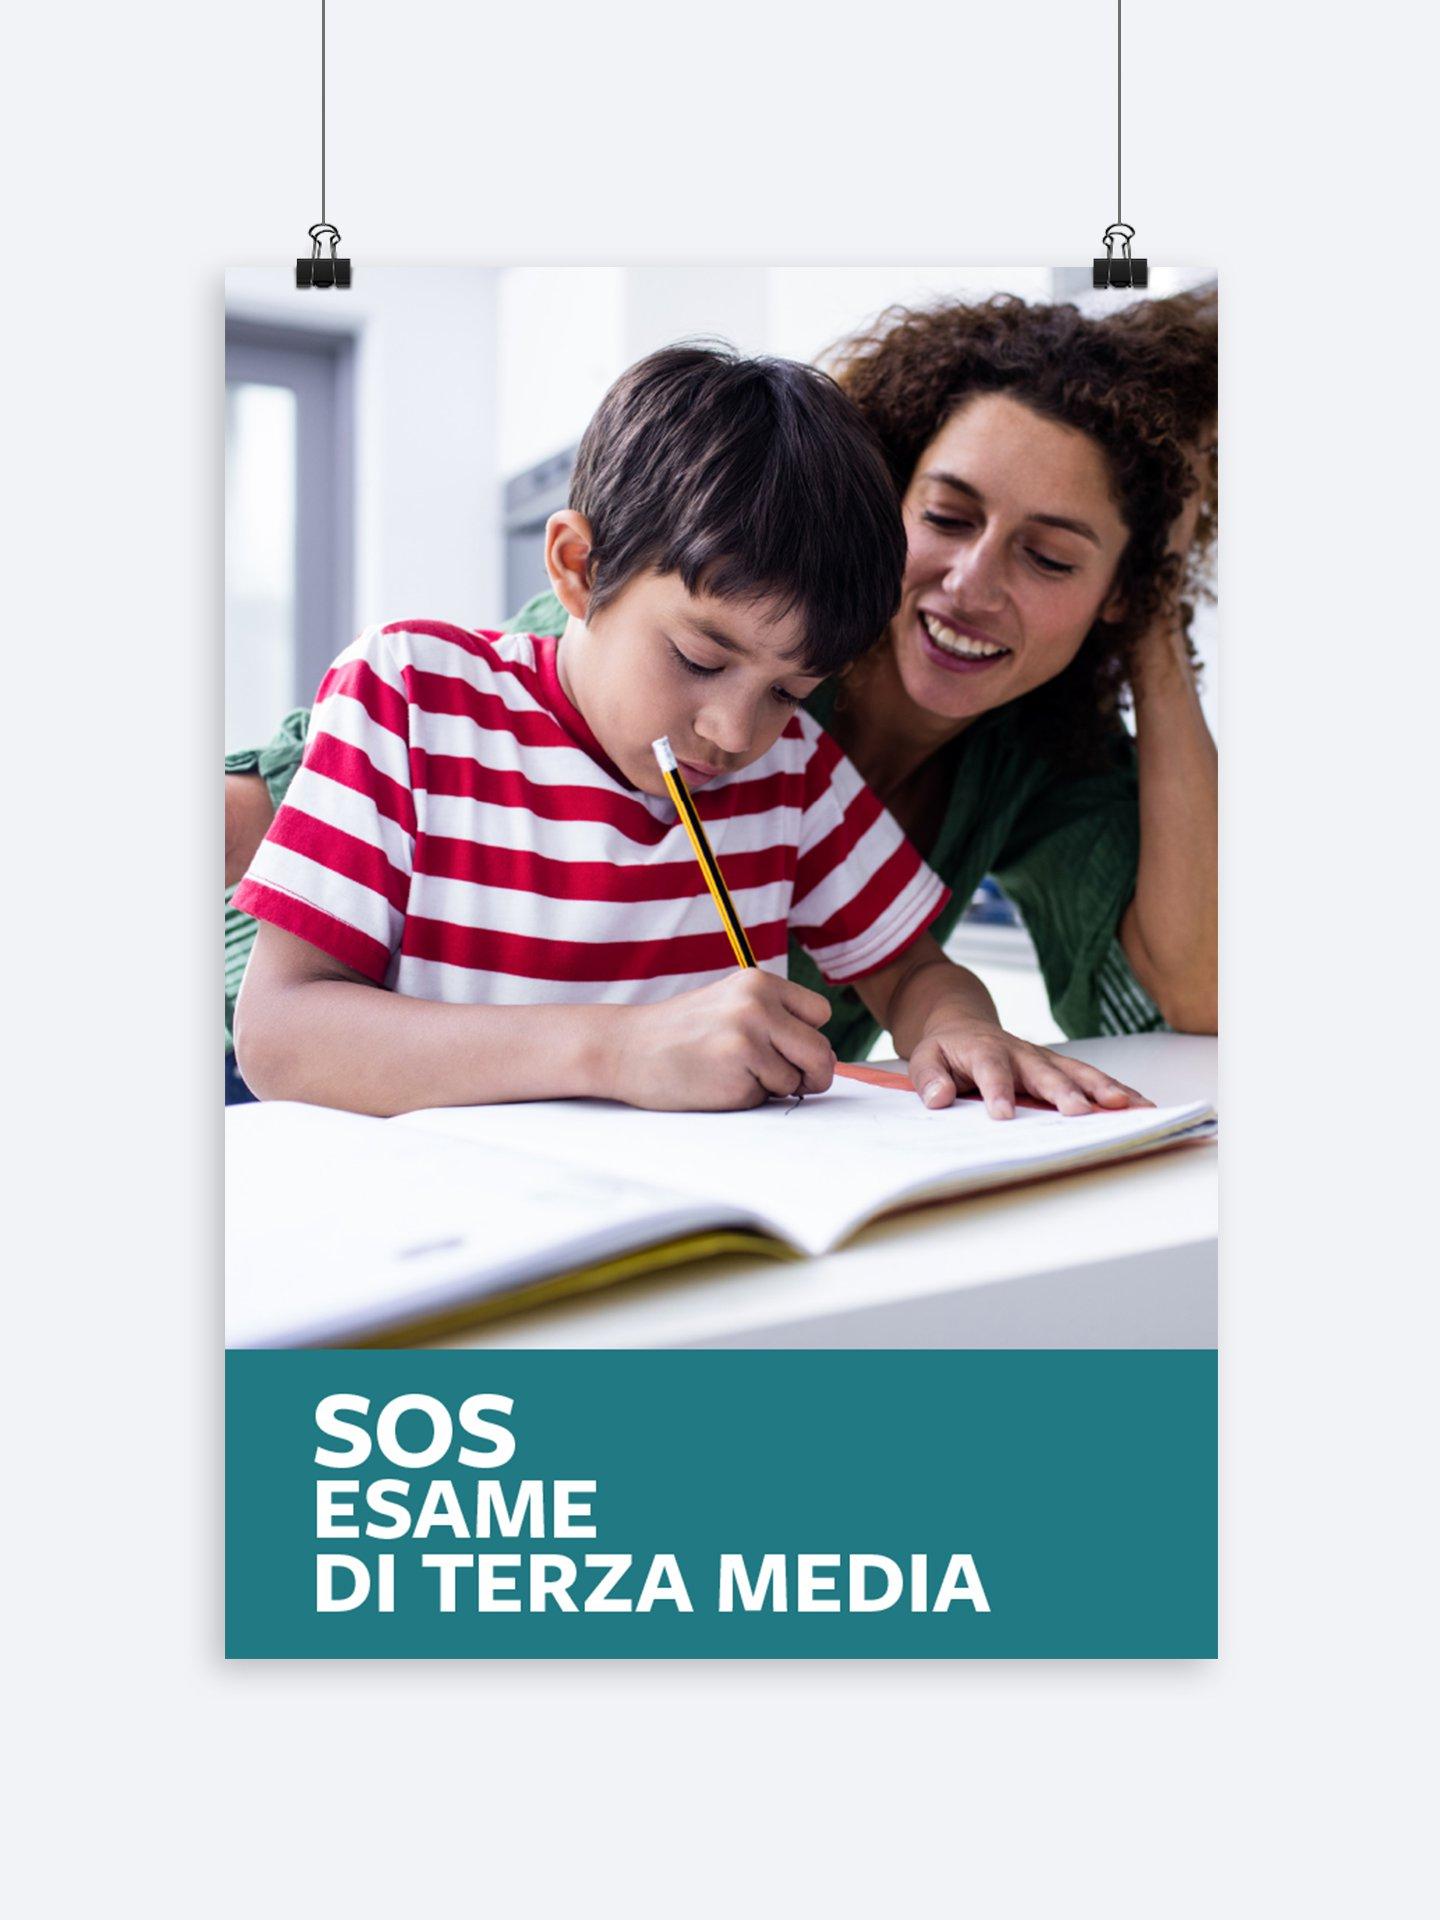 SOS esame di terza media - percorso 1 - Empowerment cognitivo e prevenzione dell'insuccess - Libri - Erickson